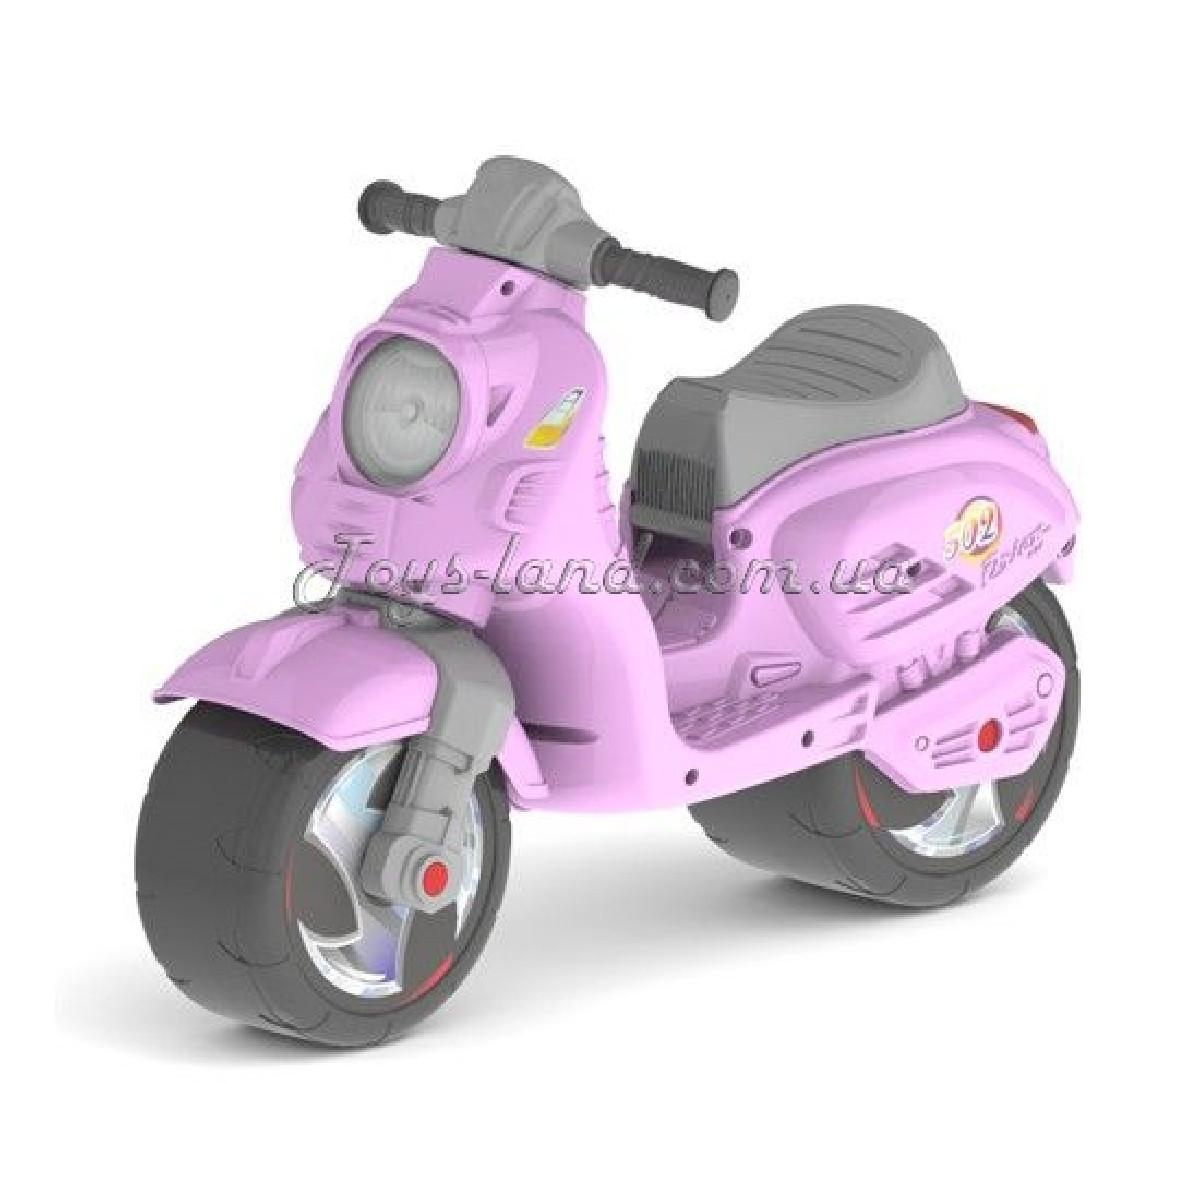 Скутер рожевий, арт. 502Рожев, Оріон